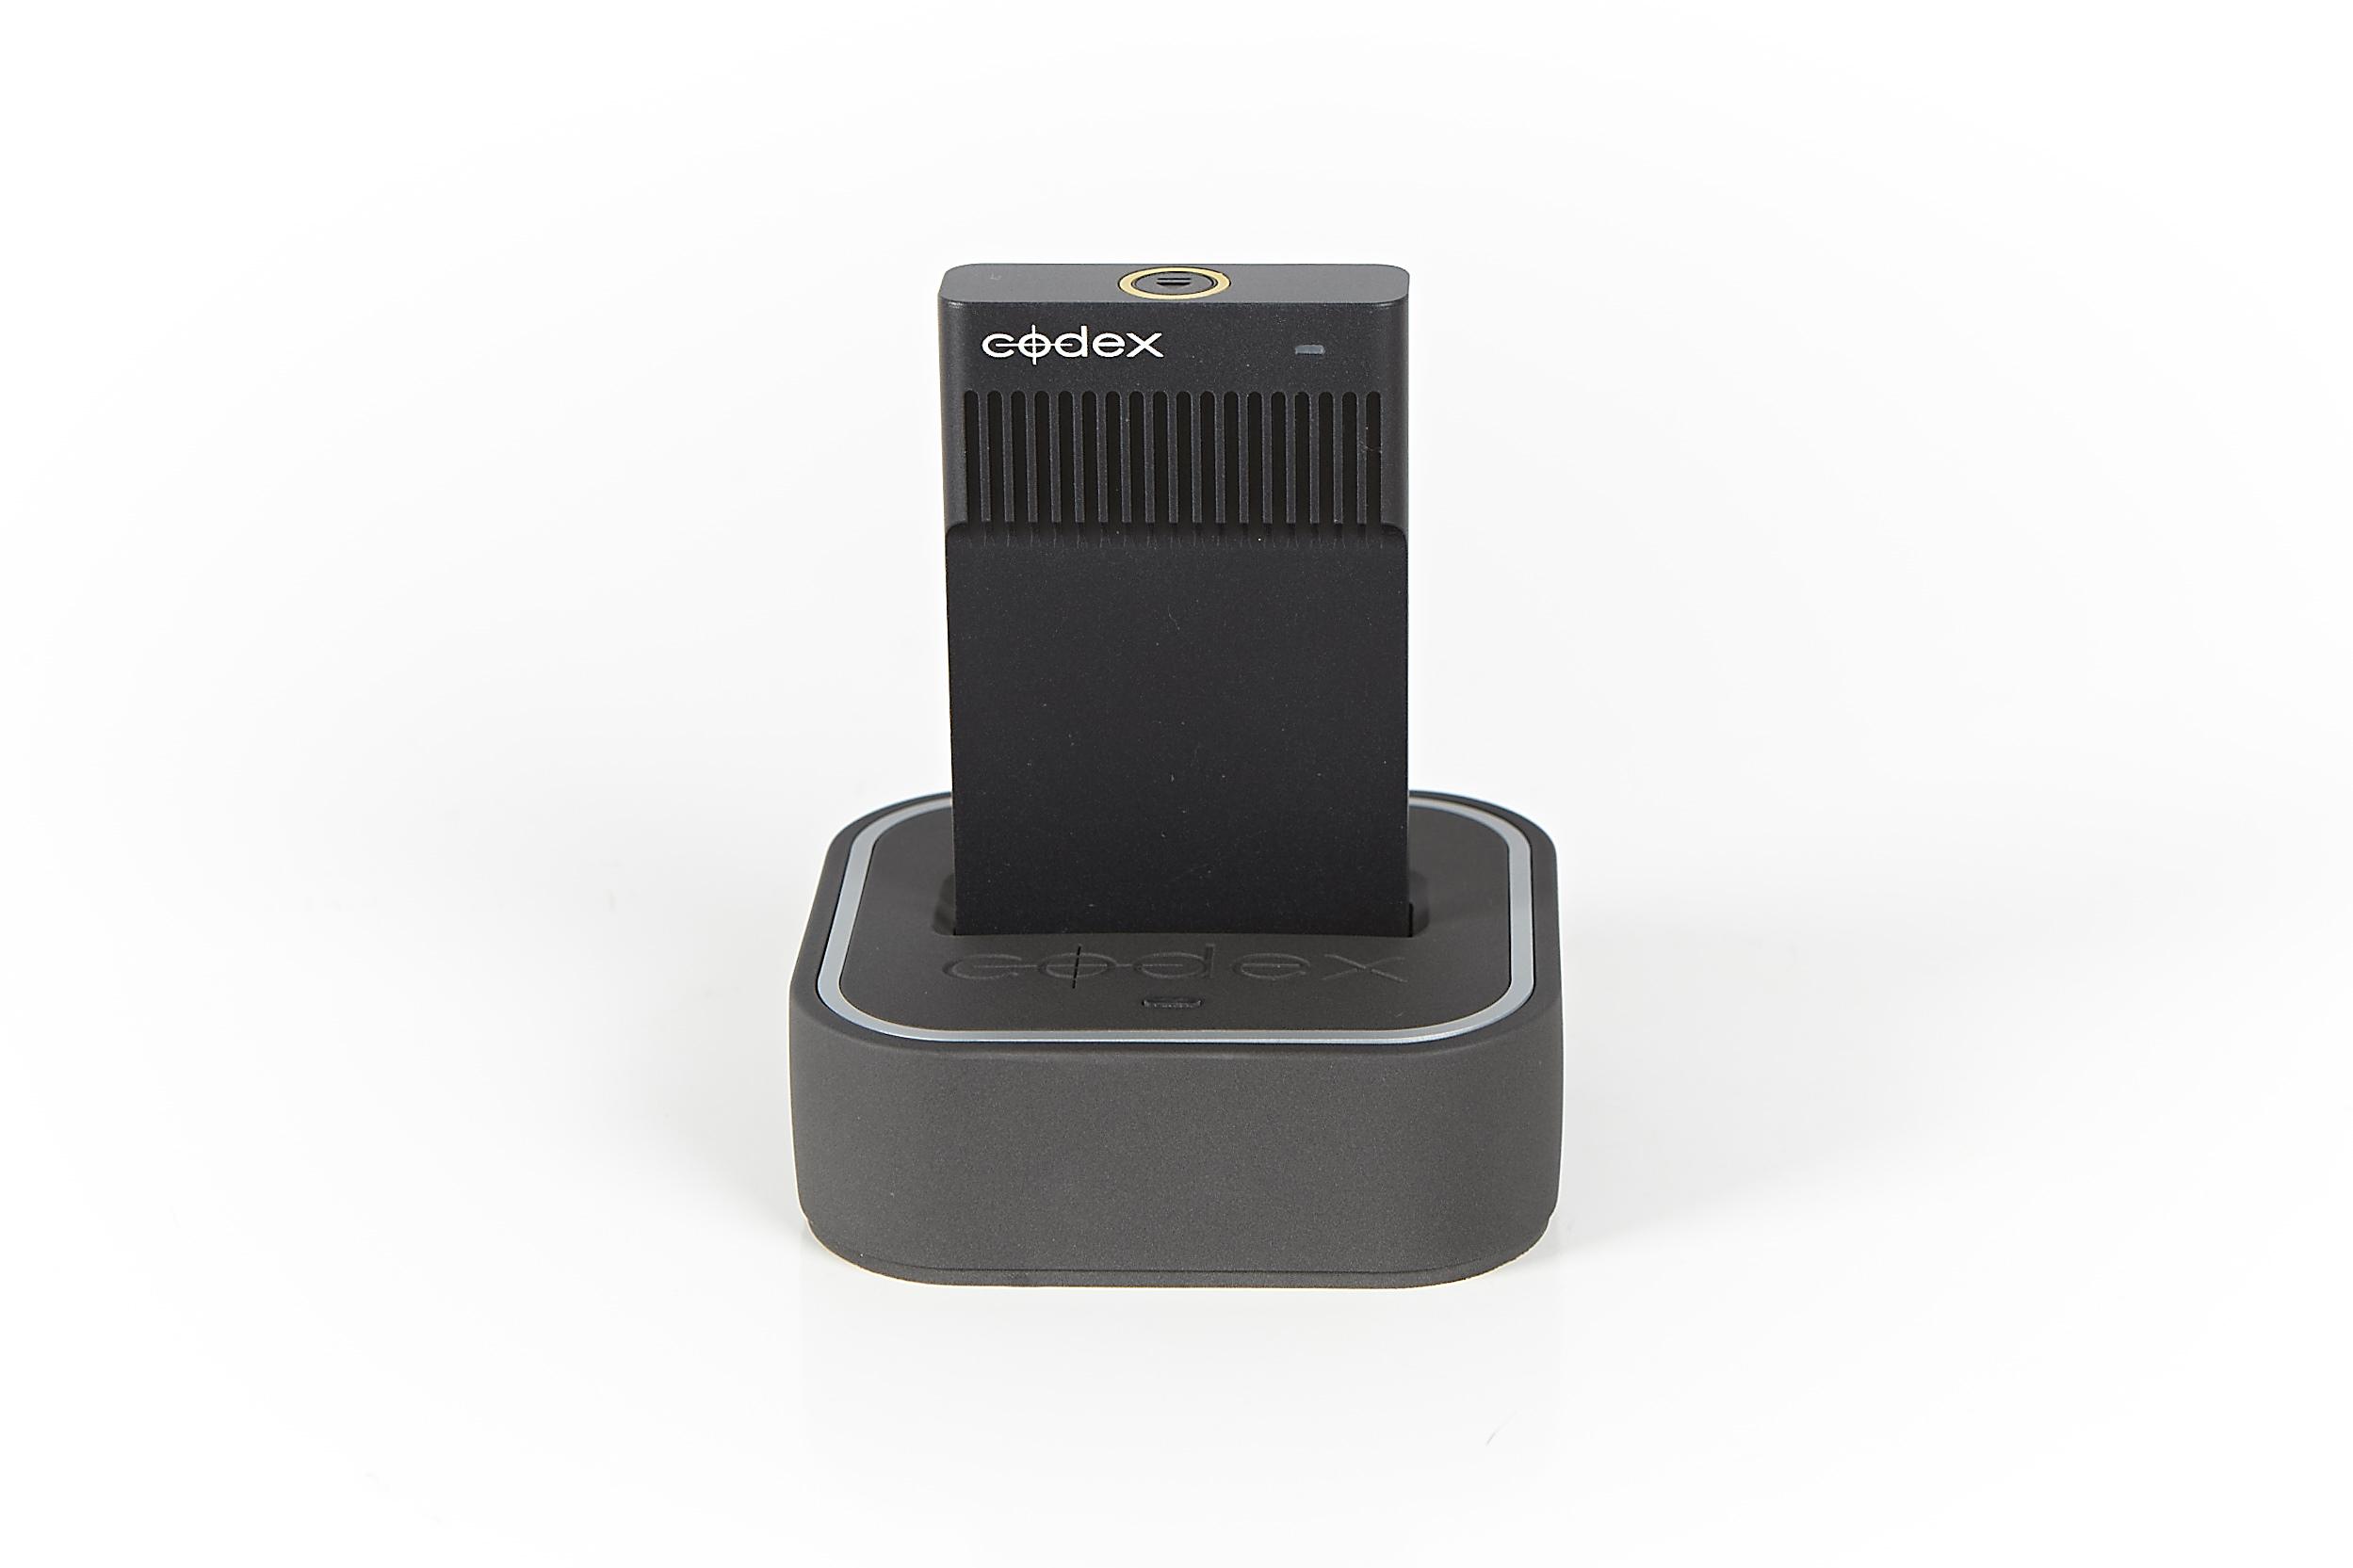 XRシングルドック (USB 3.0)